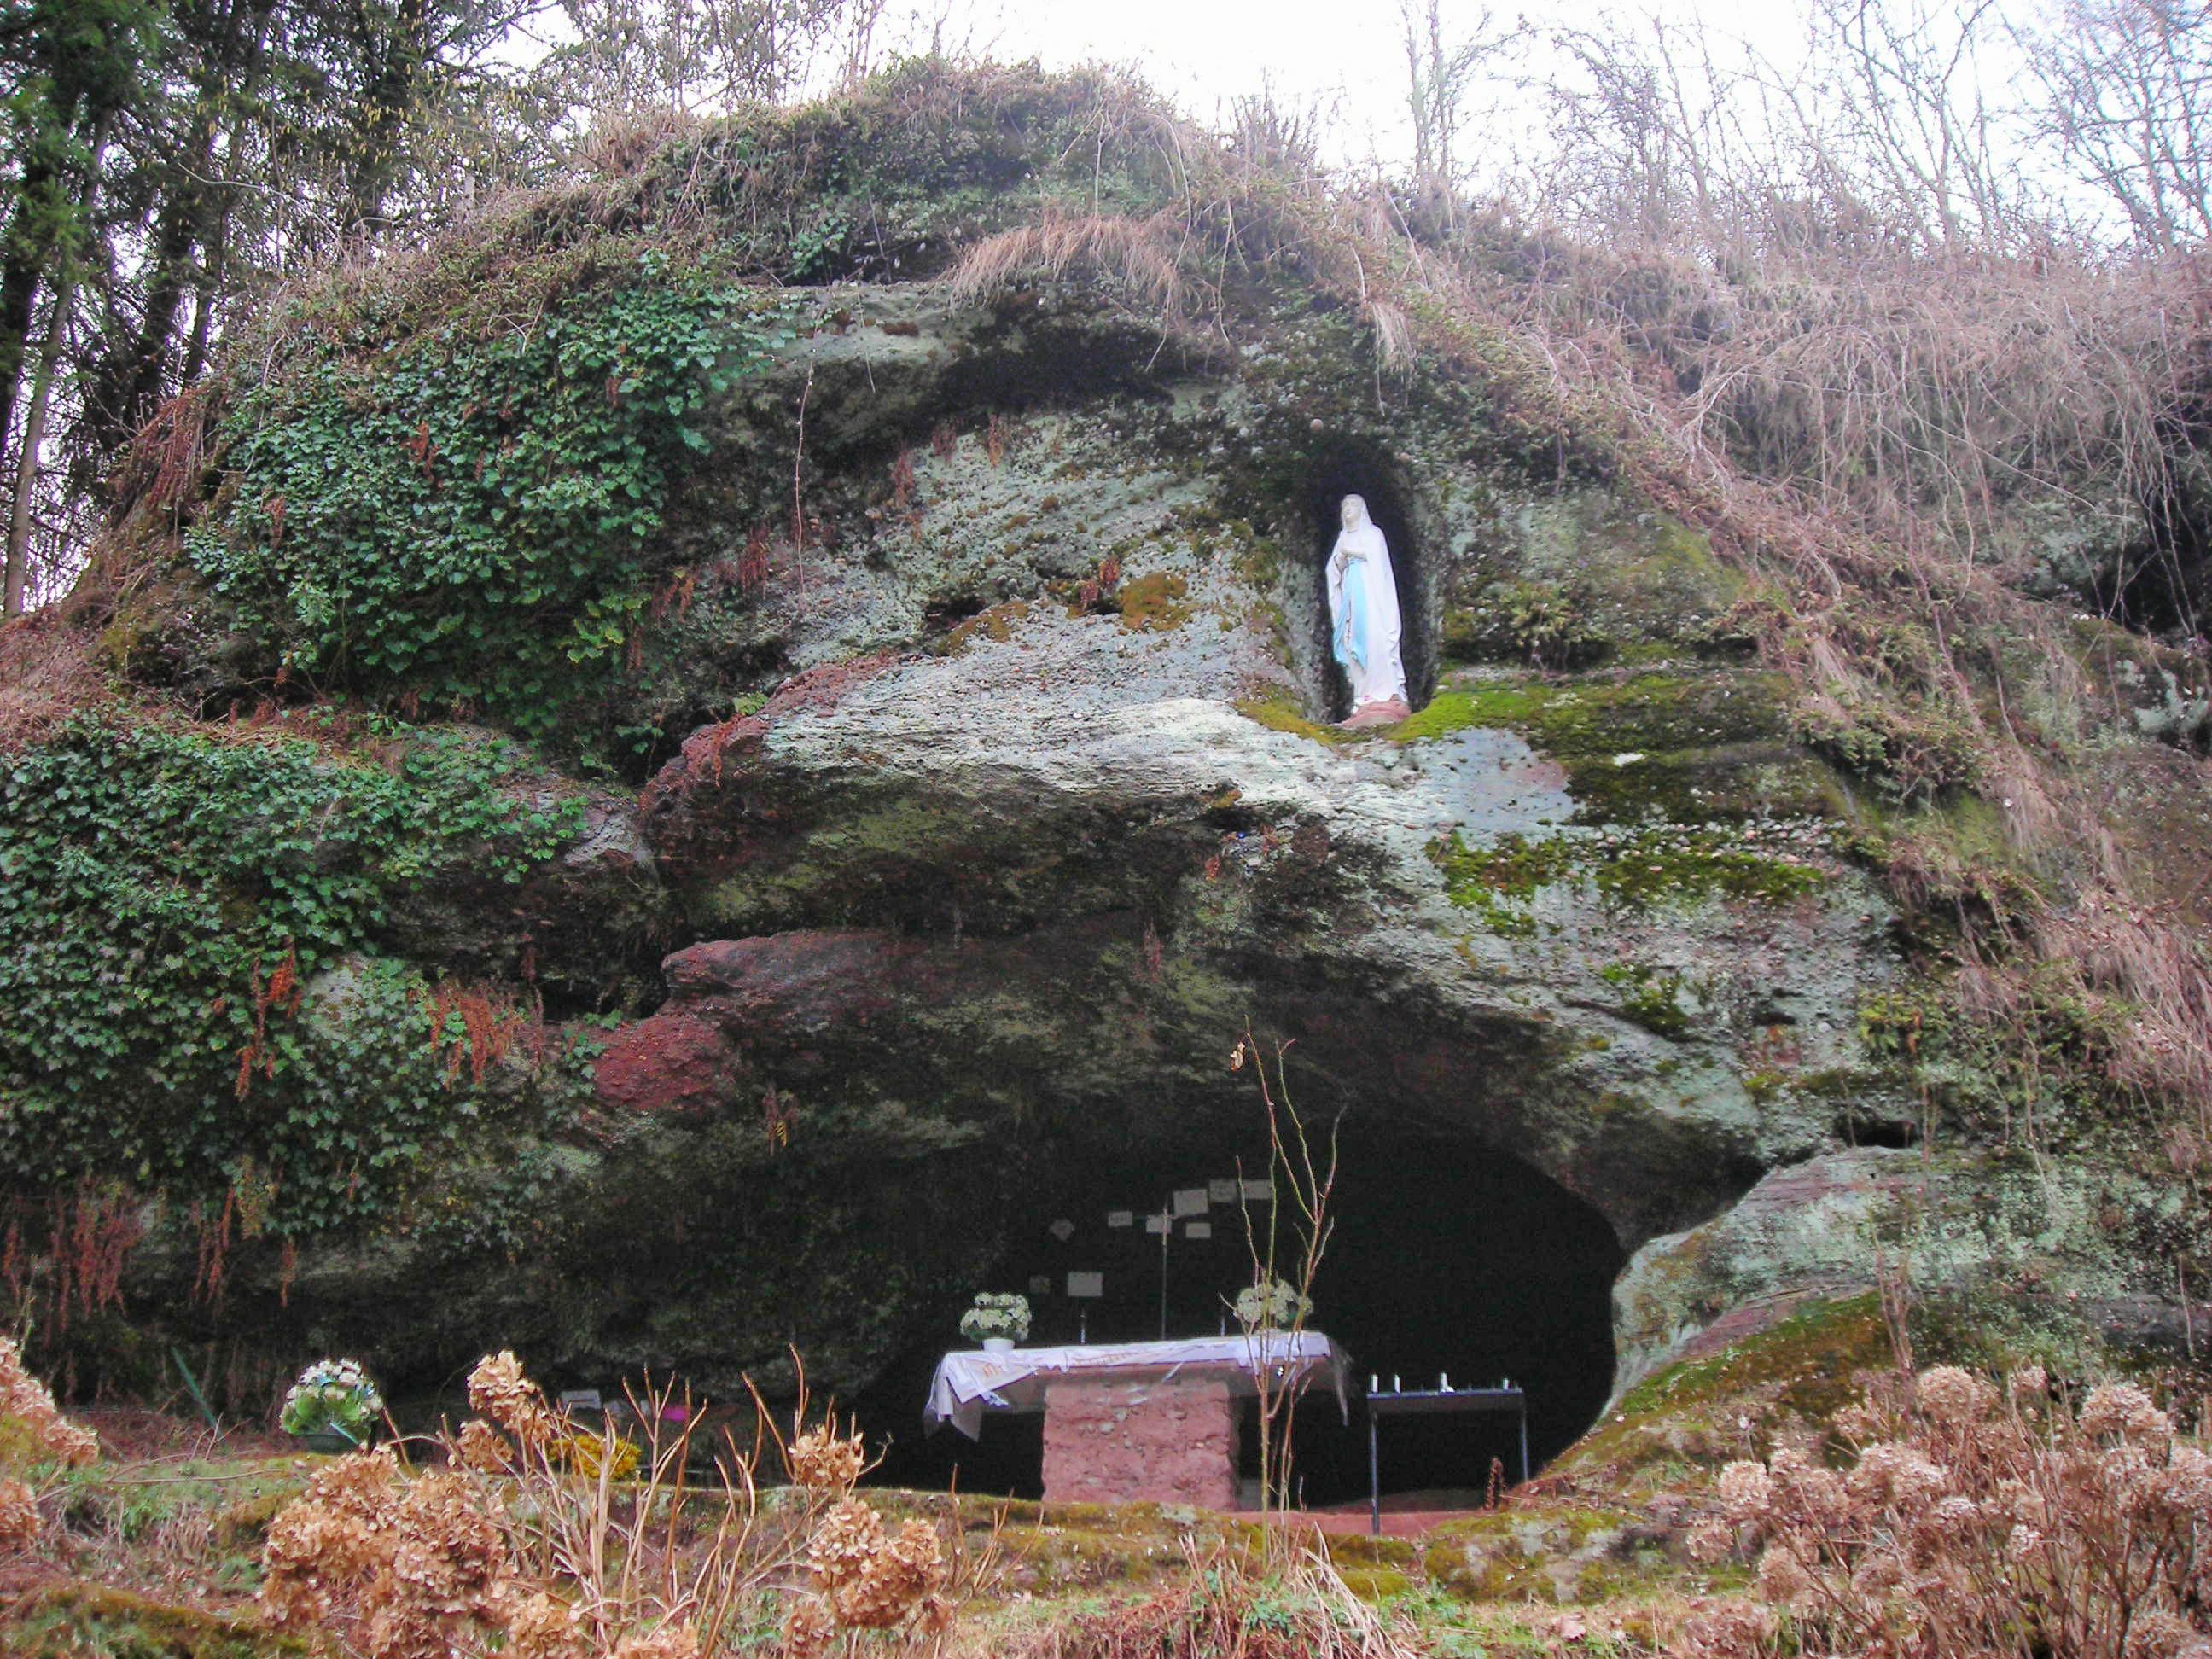 Résultat d'images pour grotte de lourde schorbach